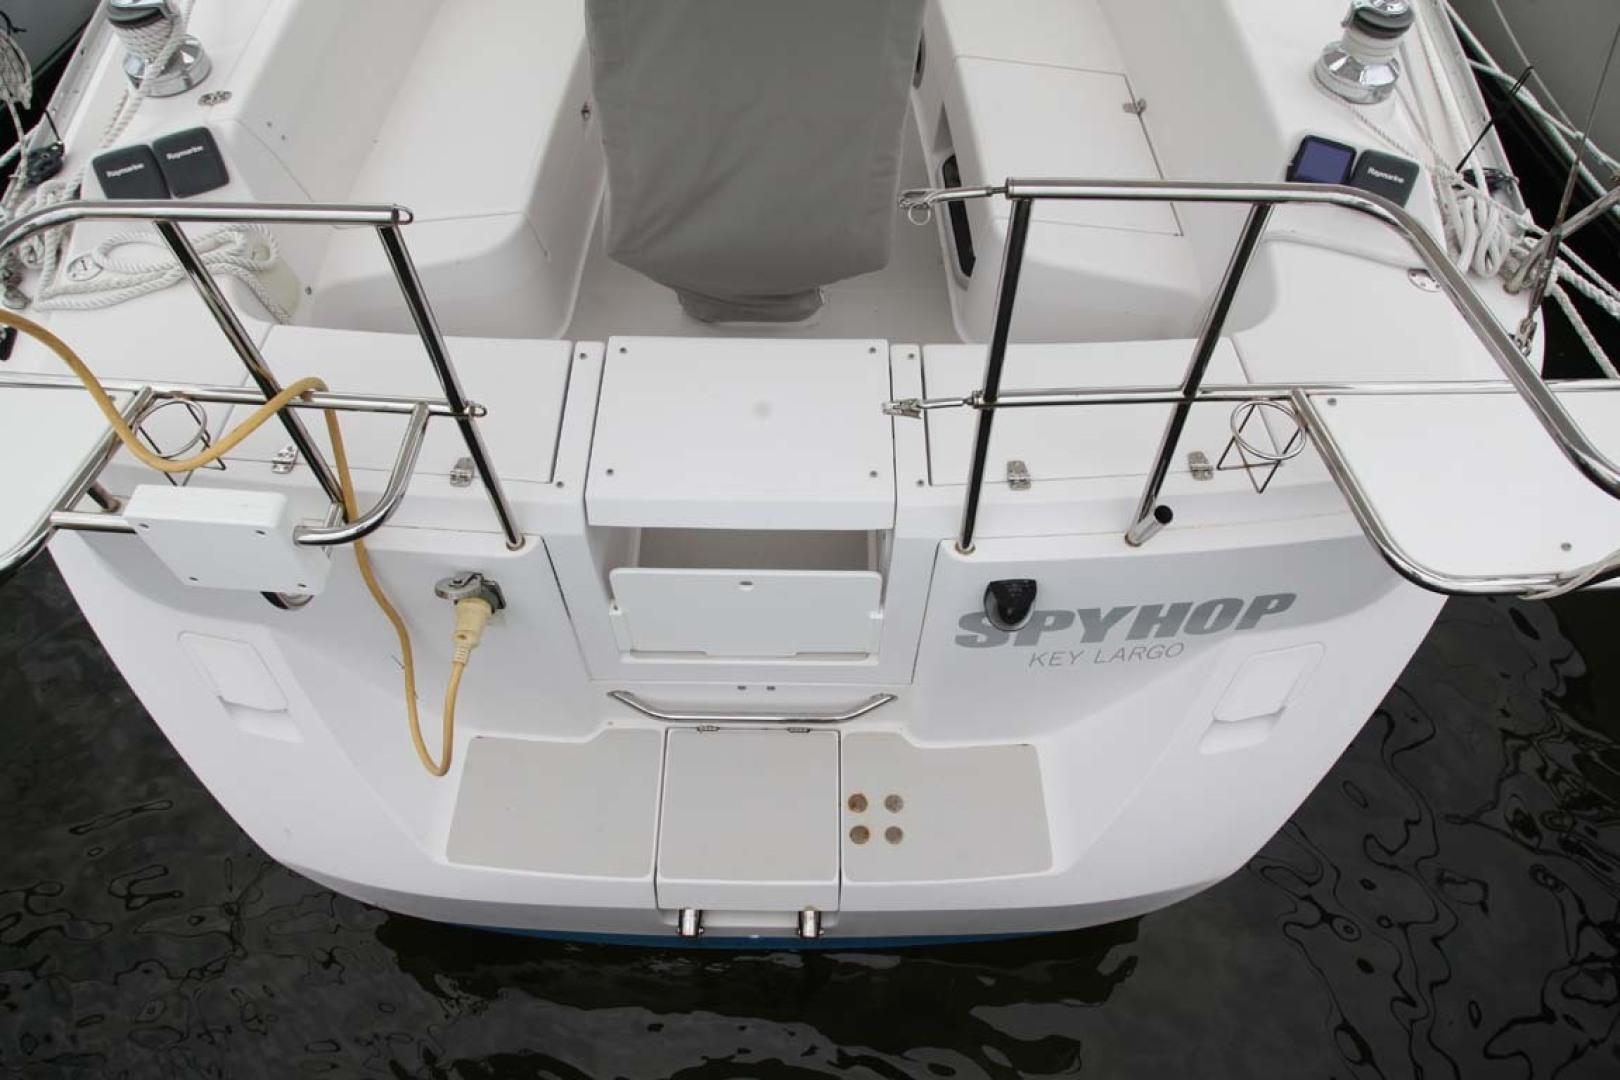 Catalina-355 2014 -Key Largo-Florida-United States-1613604 | Thumbnail